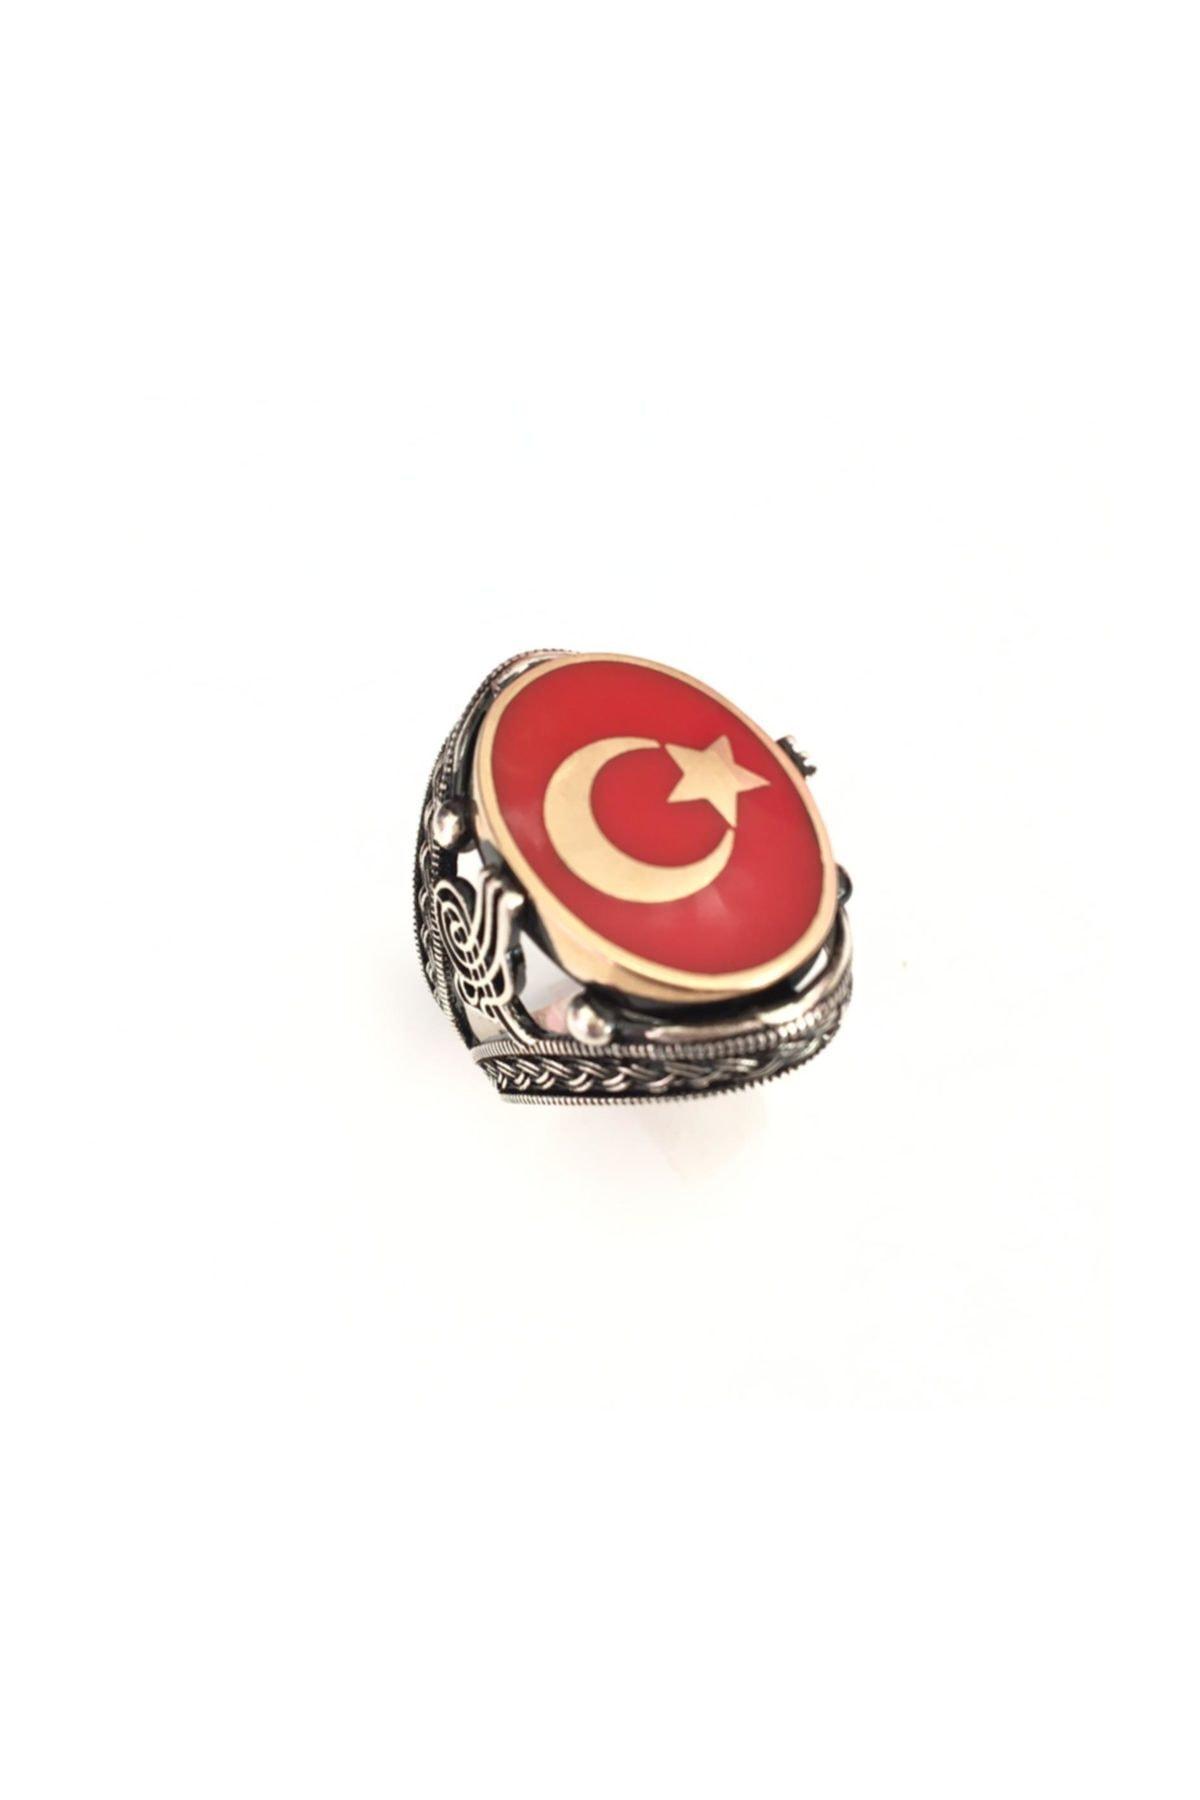 Makeuptime Erkek 925 Ayar Türk Bayraklı Gümüş Yüzük 1